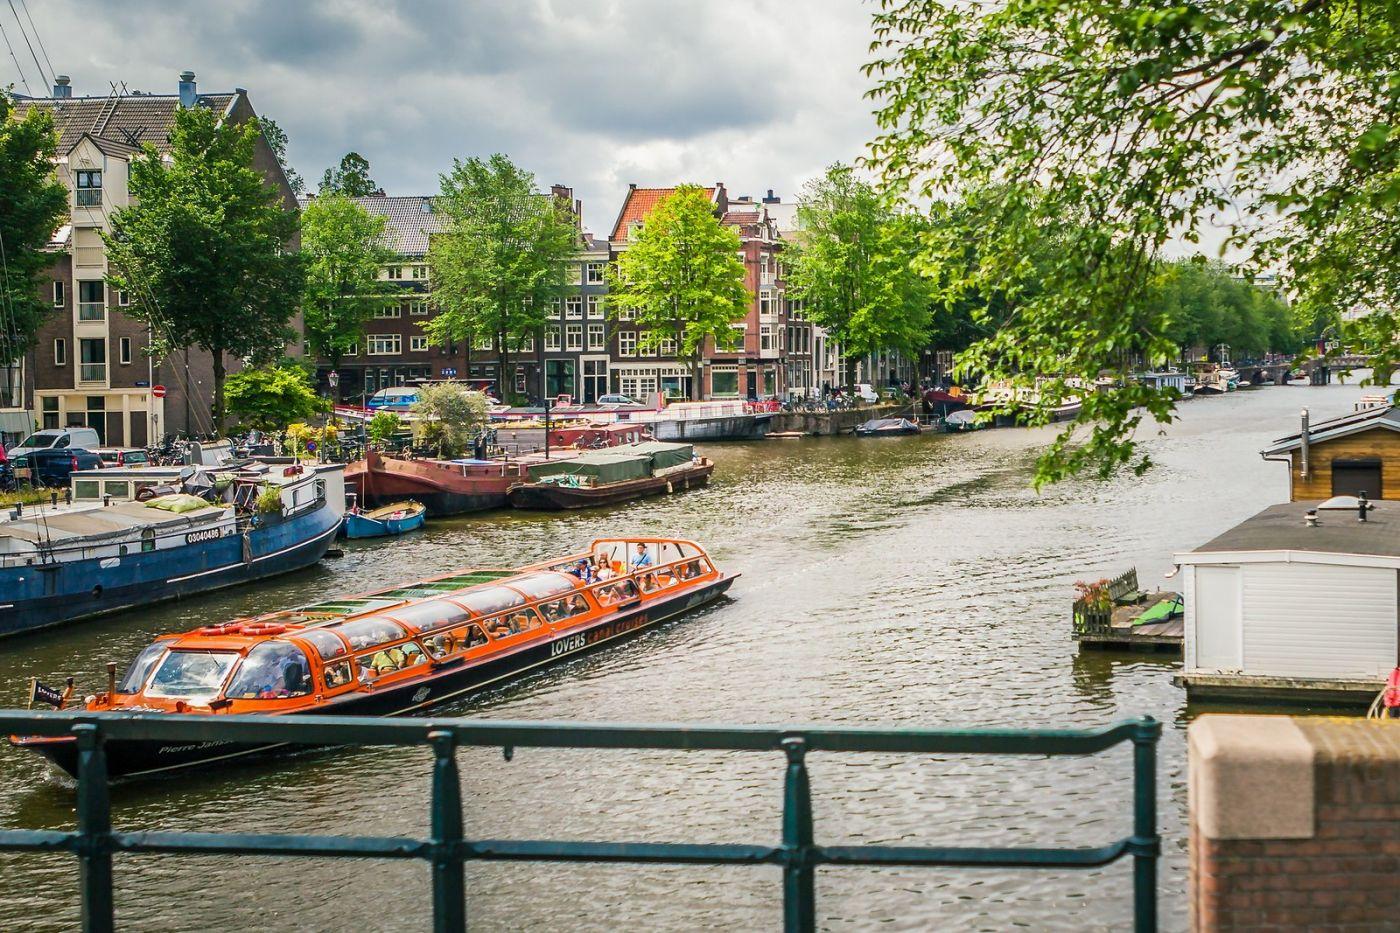 荷兰阿姆斯特丹,穿梭的自行车_图1-33